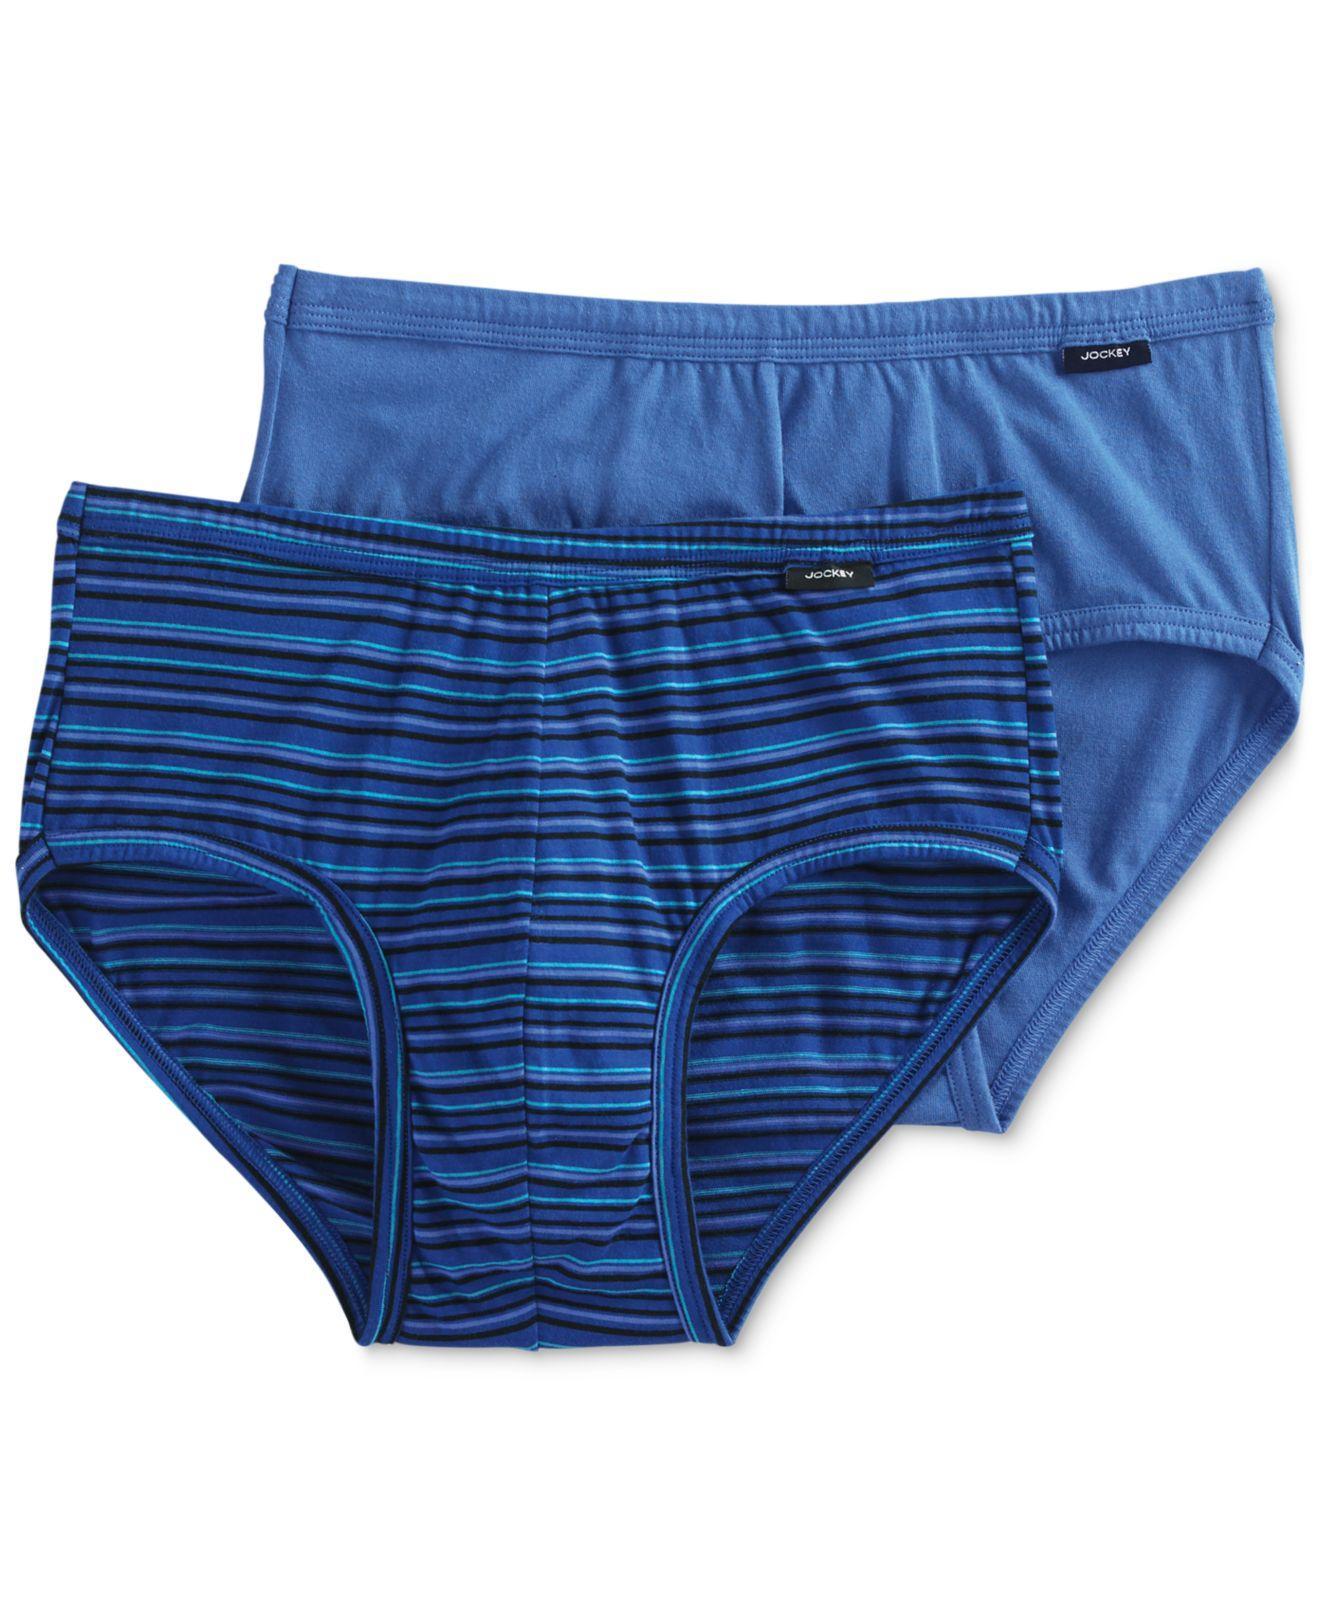 364261f2e2492 Lyst - Jockey Underwear